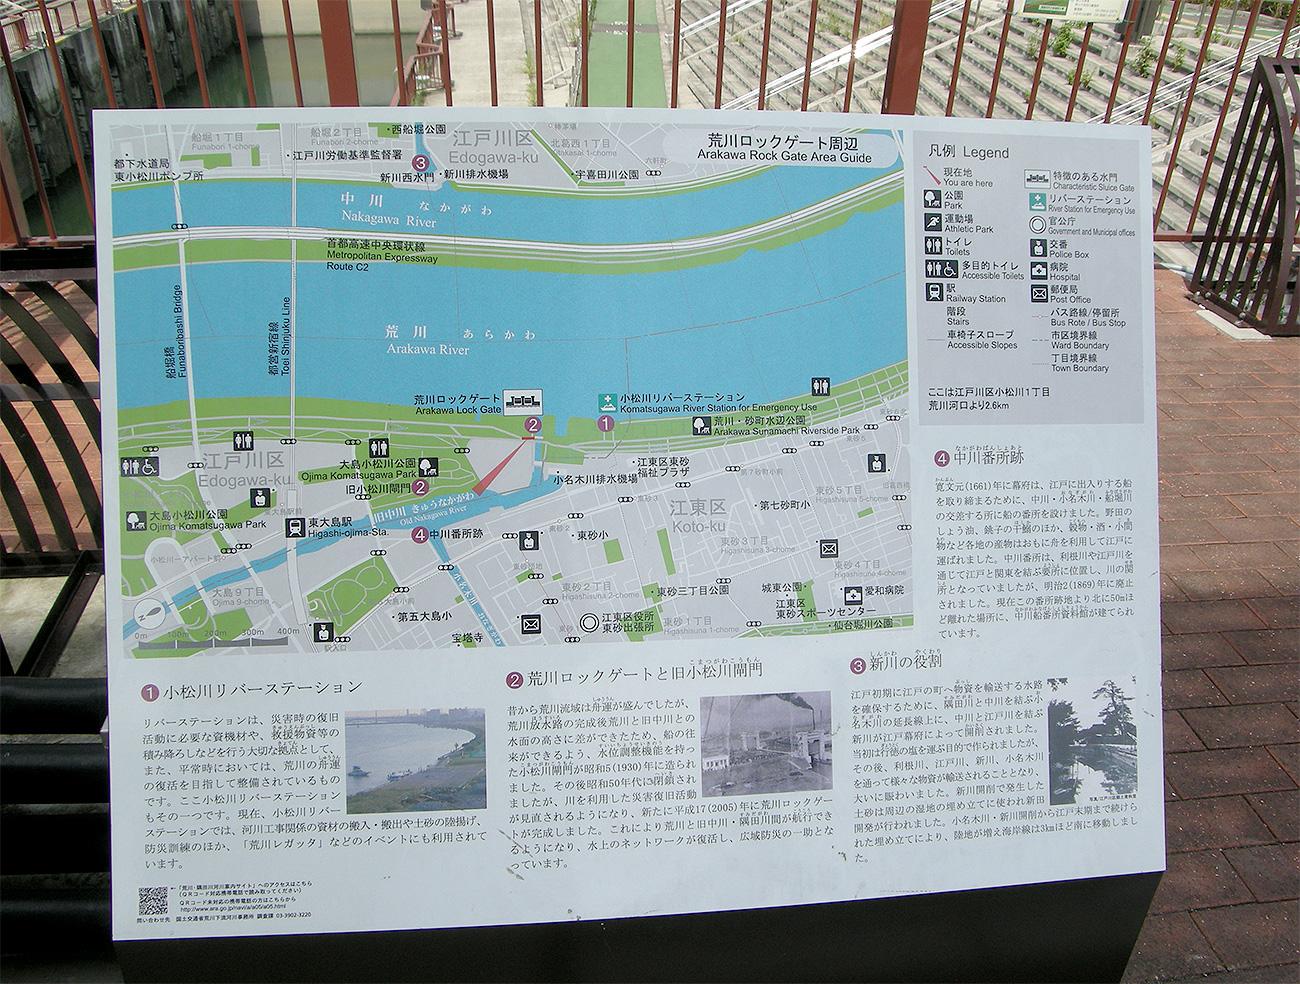 画像 ロックゲート 旧中川と荒川の合流地点